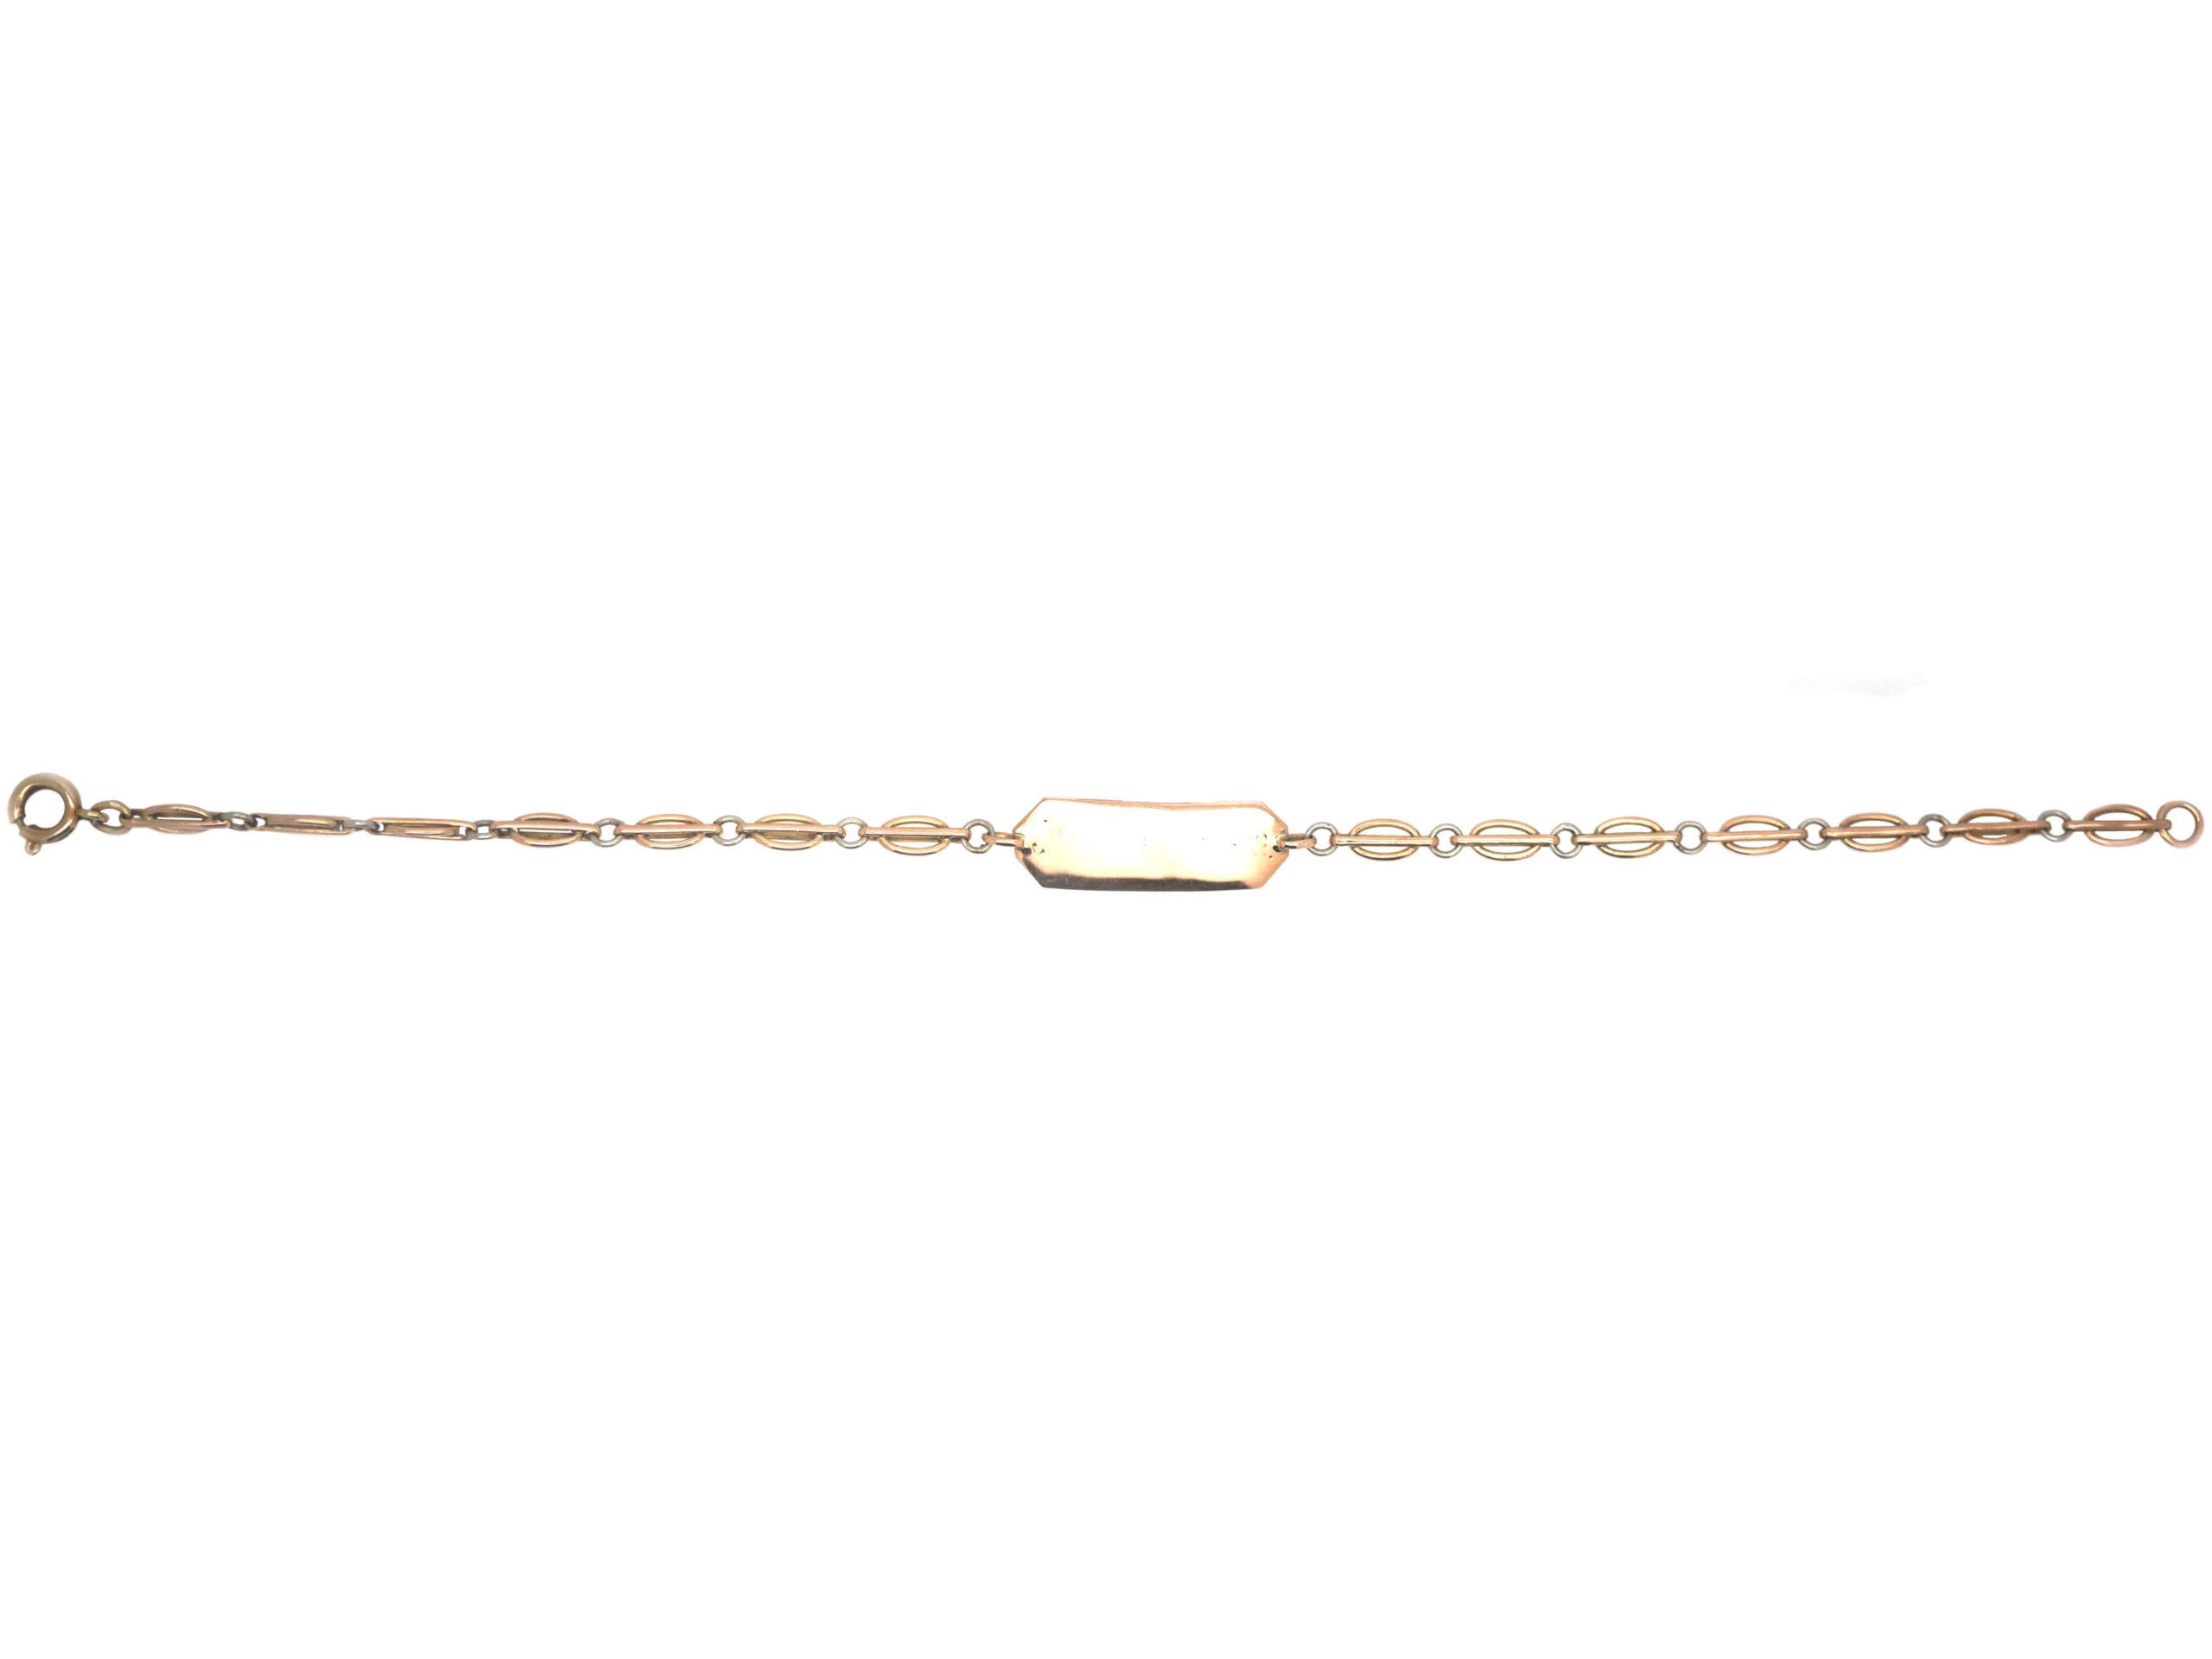 Edwardian 9ct Gold & Platinum Two Colour Bracelet